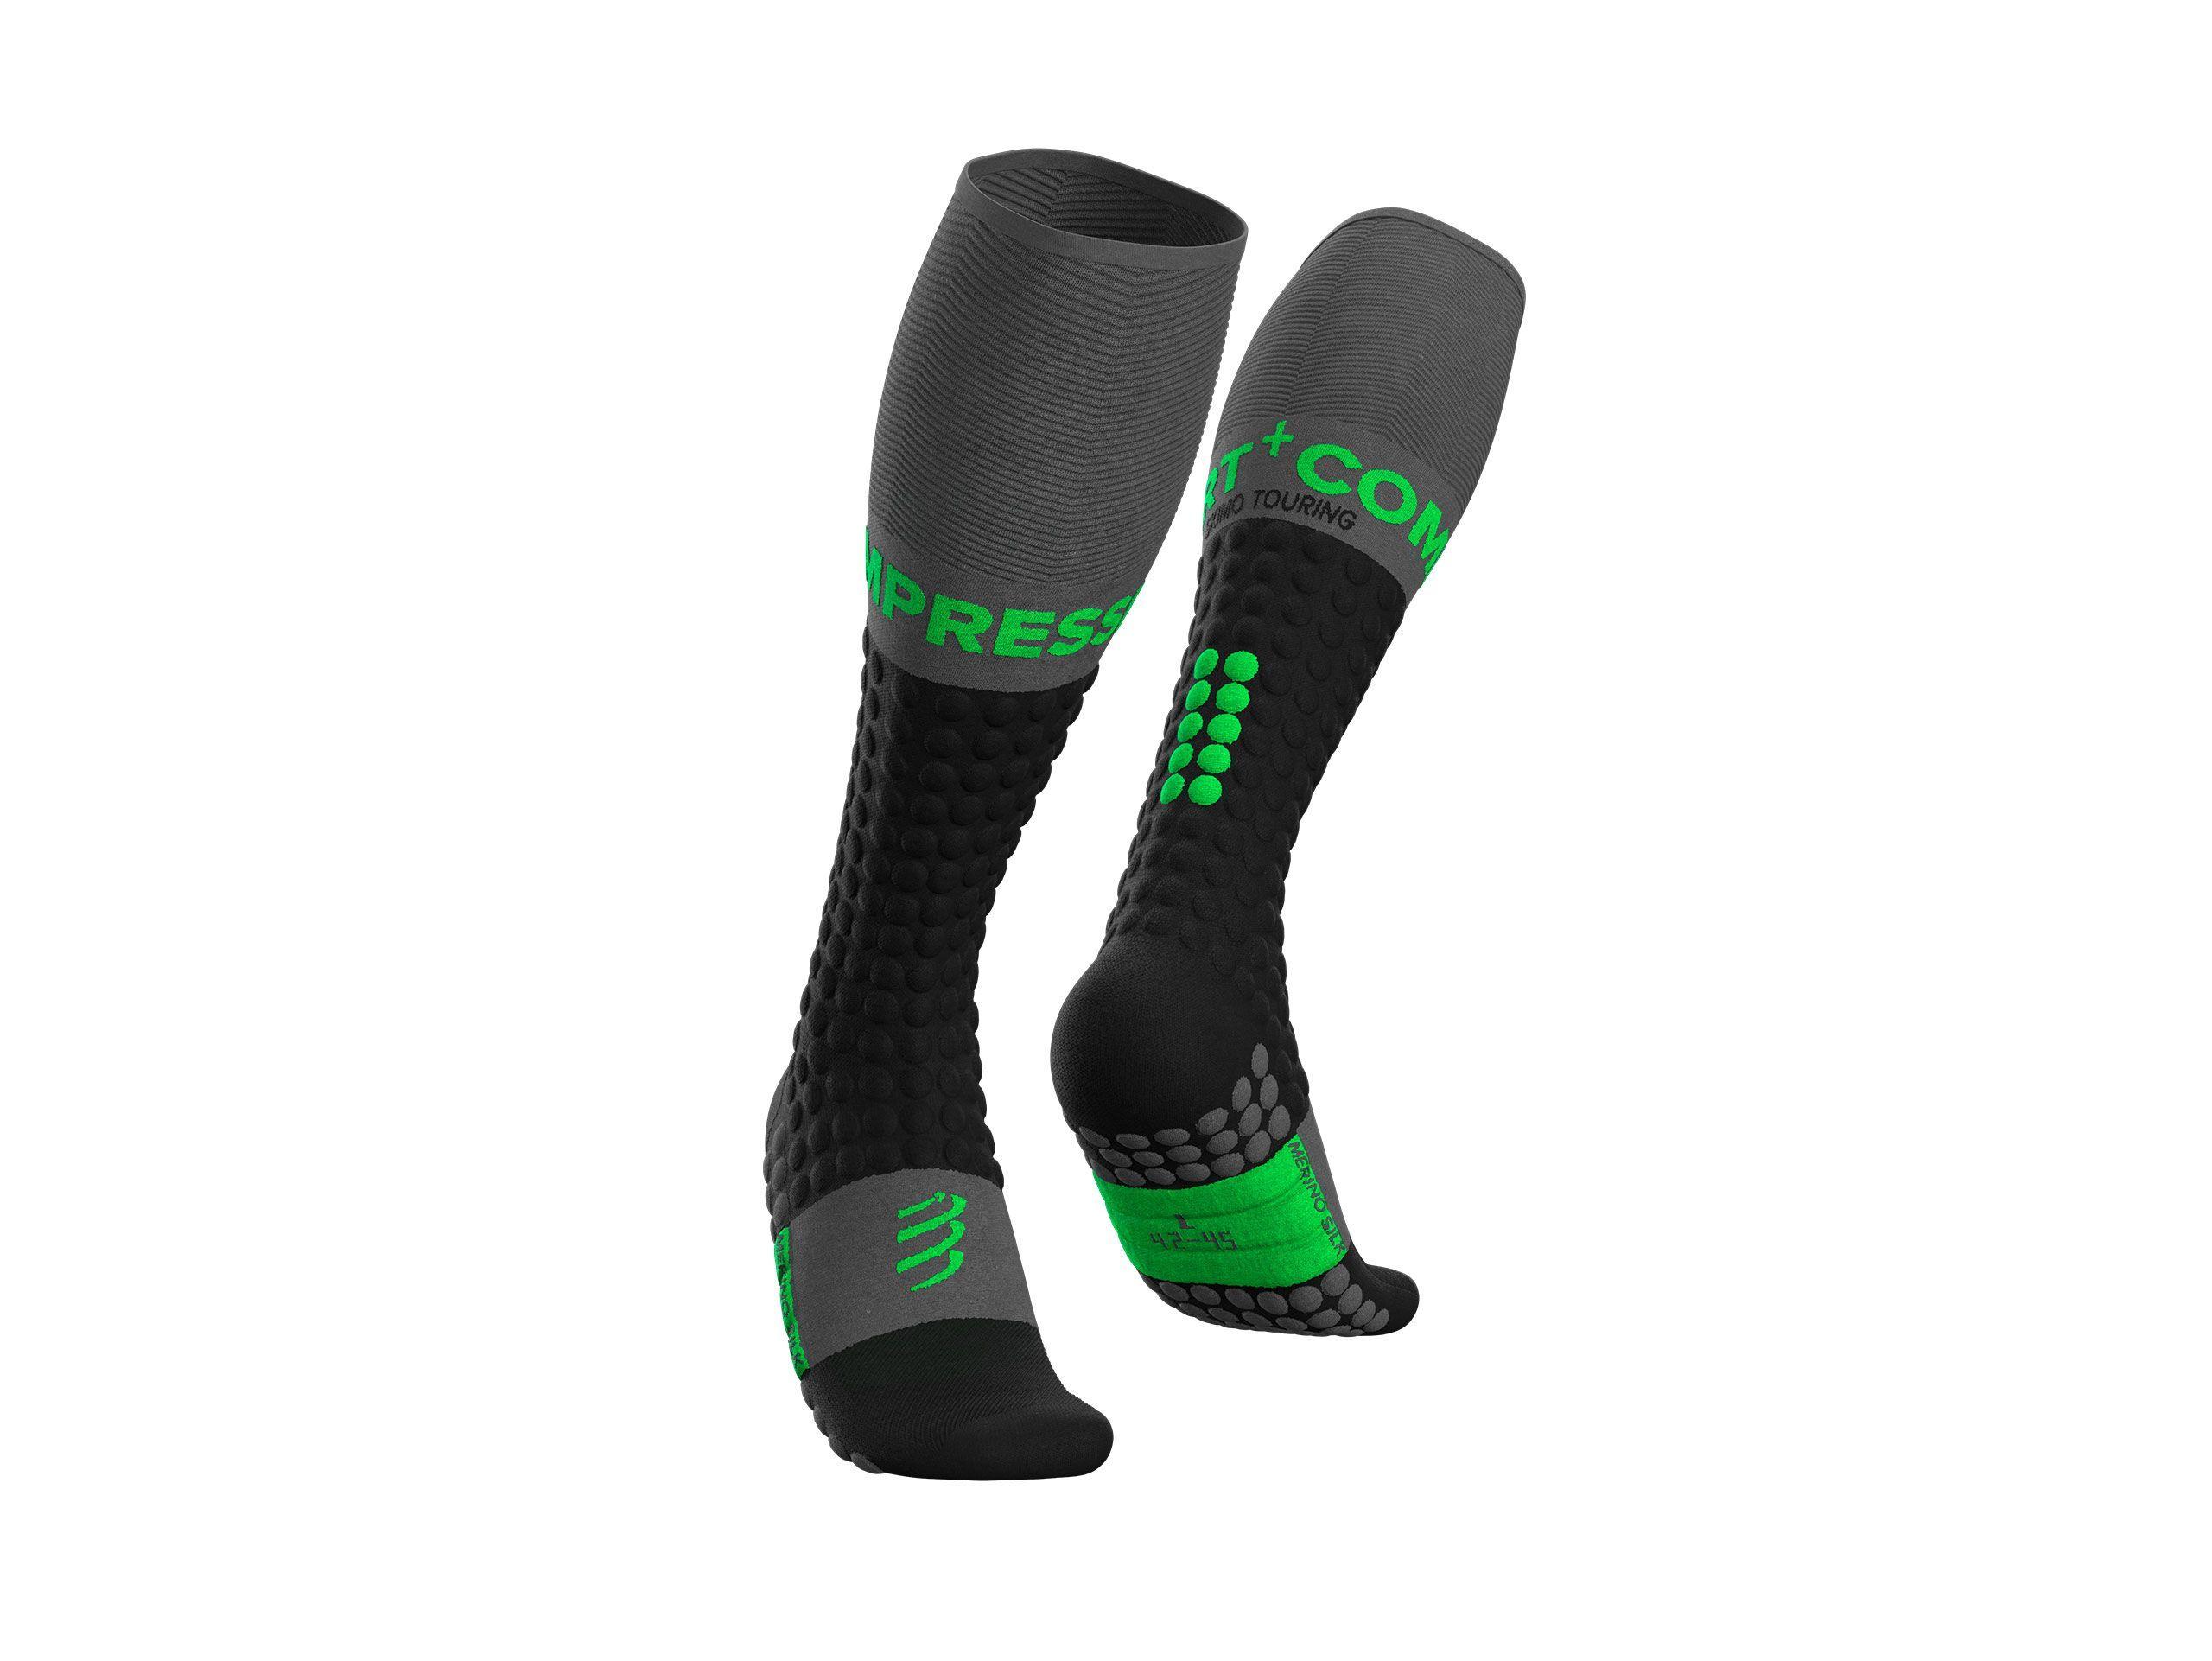 Ski Touring Full Socks - Black Green